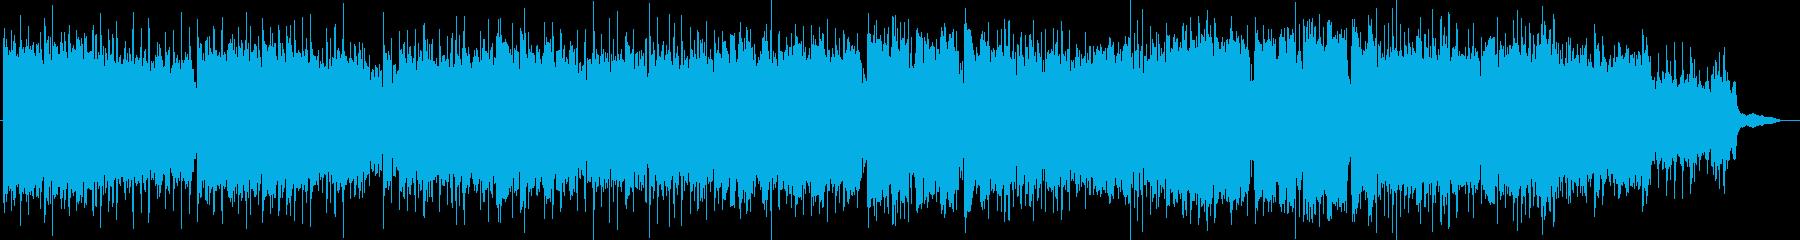 テンポ速めのケルト系民族調オリジナルですの再生済みの波形